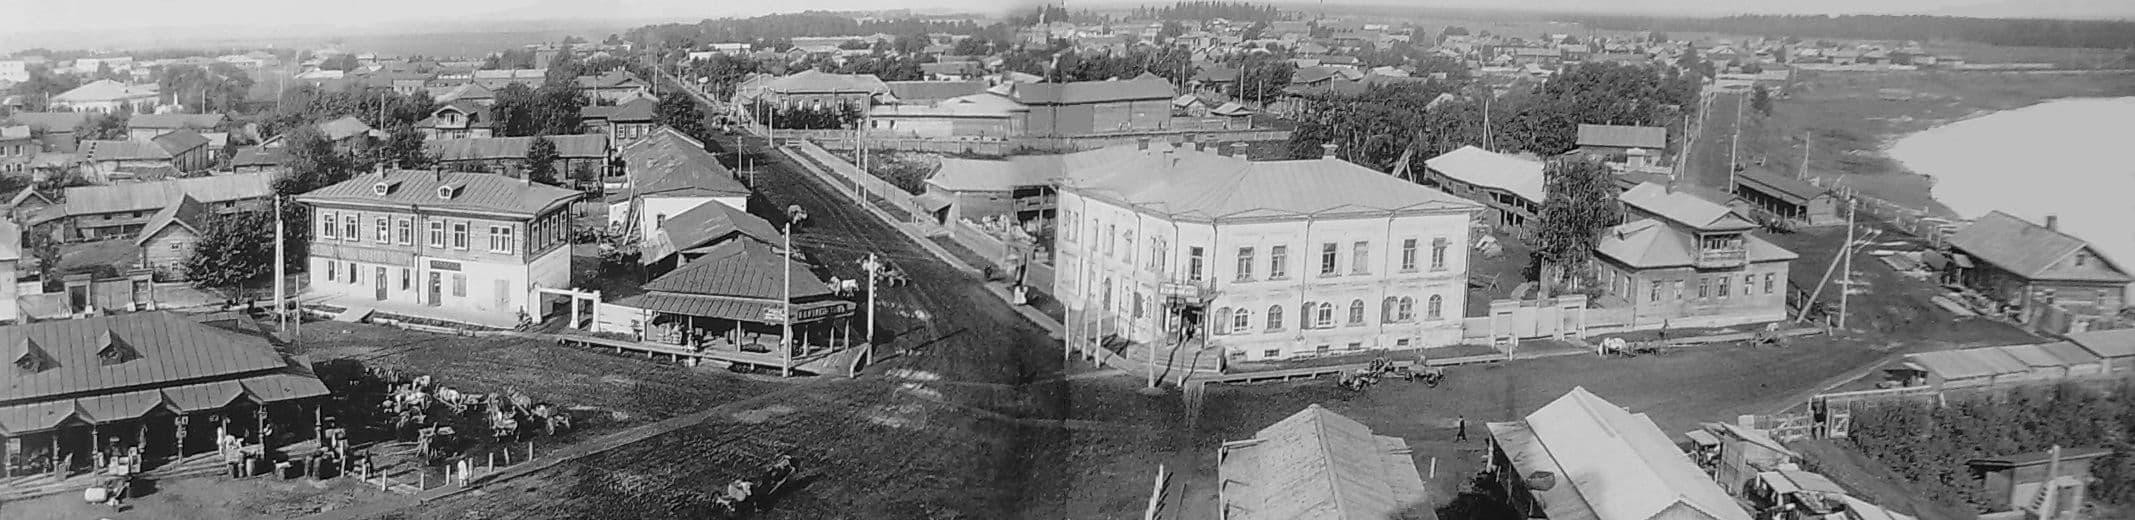 Вид на западную часть Глазова г. с колокольни собора. 1910-1914 гг.